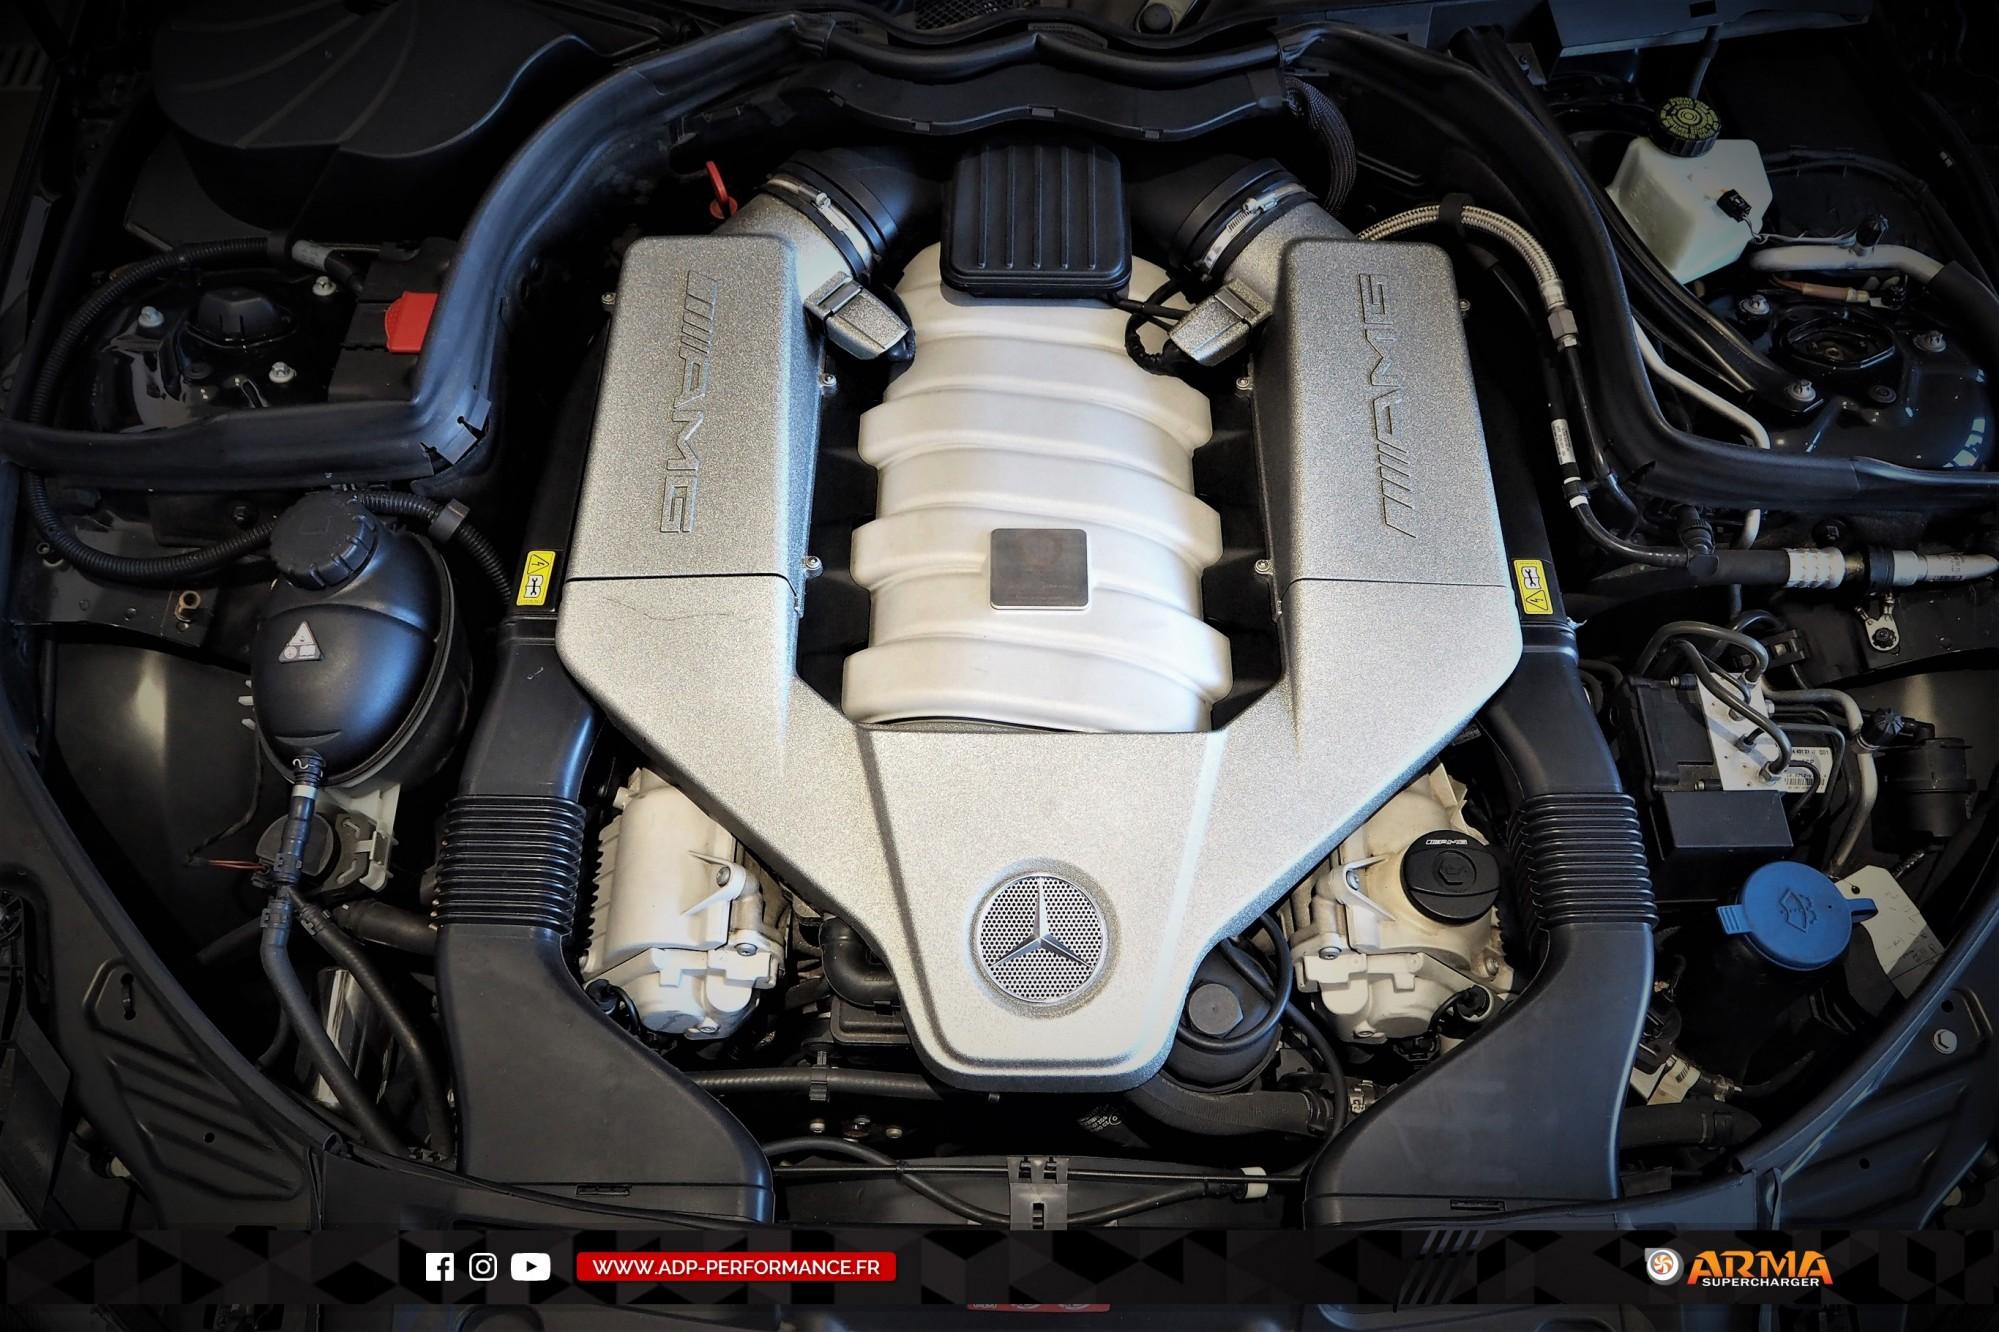 Admission ARMA Speed Nimes - Mercedes C63 AMG - ADP Performance